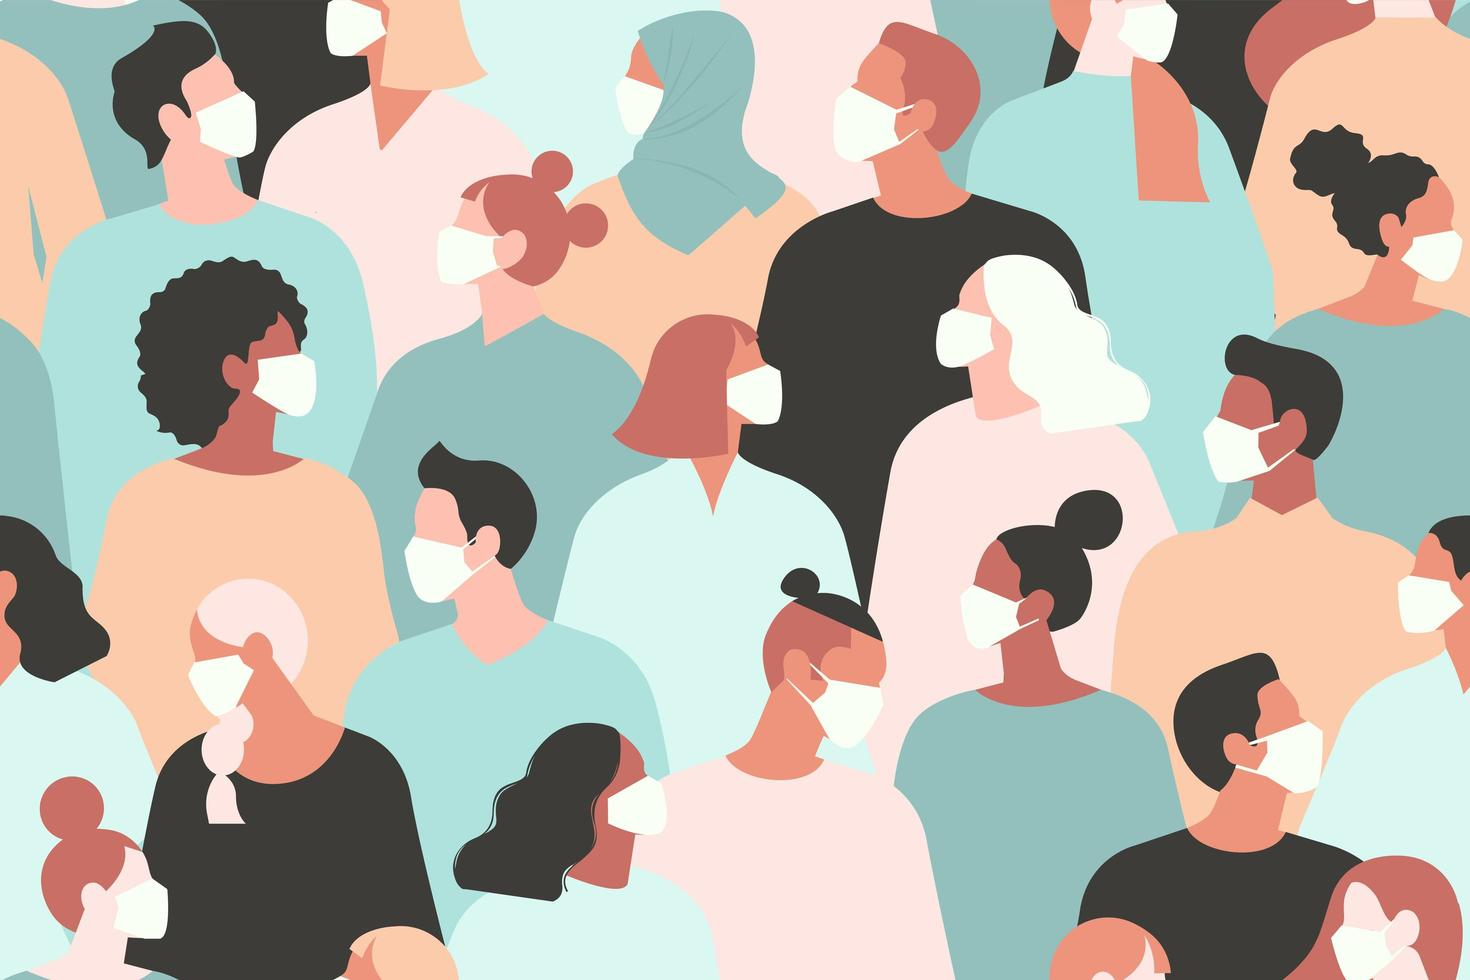 nieuw coronavirus 2019 ncov, mensen in wit medisch gezichtsmasker. concept van coronavirus quarantaine vectorillustratie. naadloze patroon vector